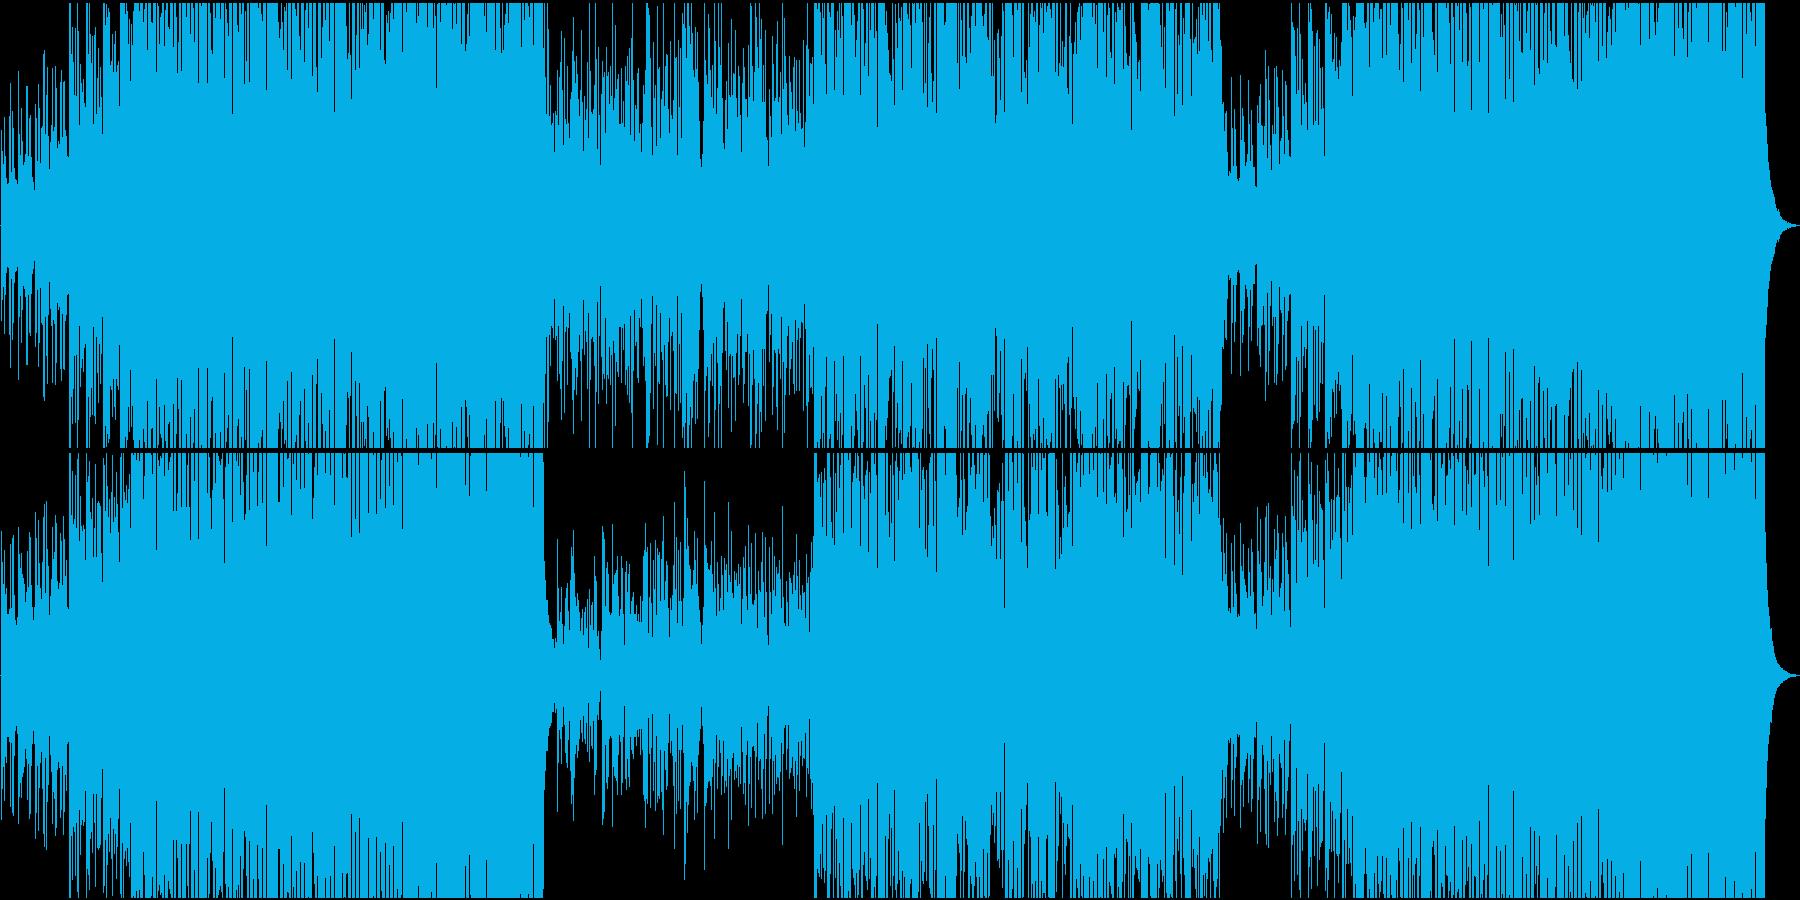 フィドルが楽しいい躍動感のあるケルト音楽の再生済みの波形